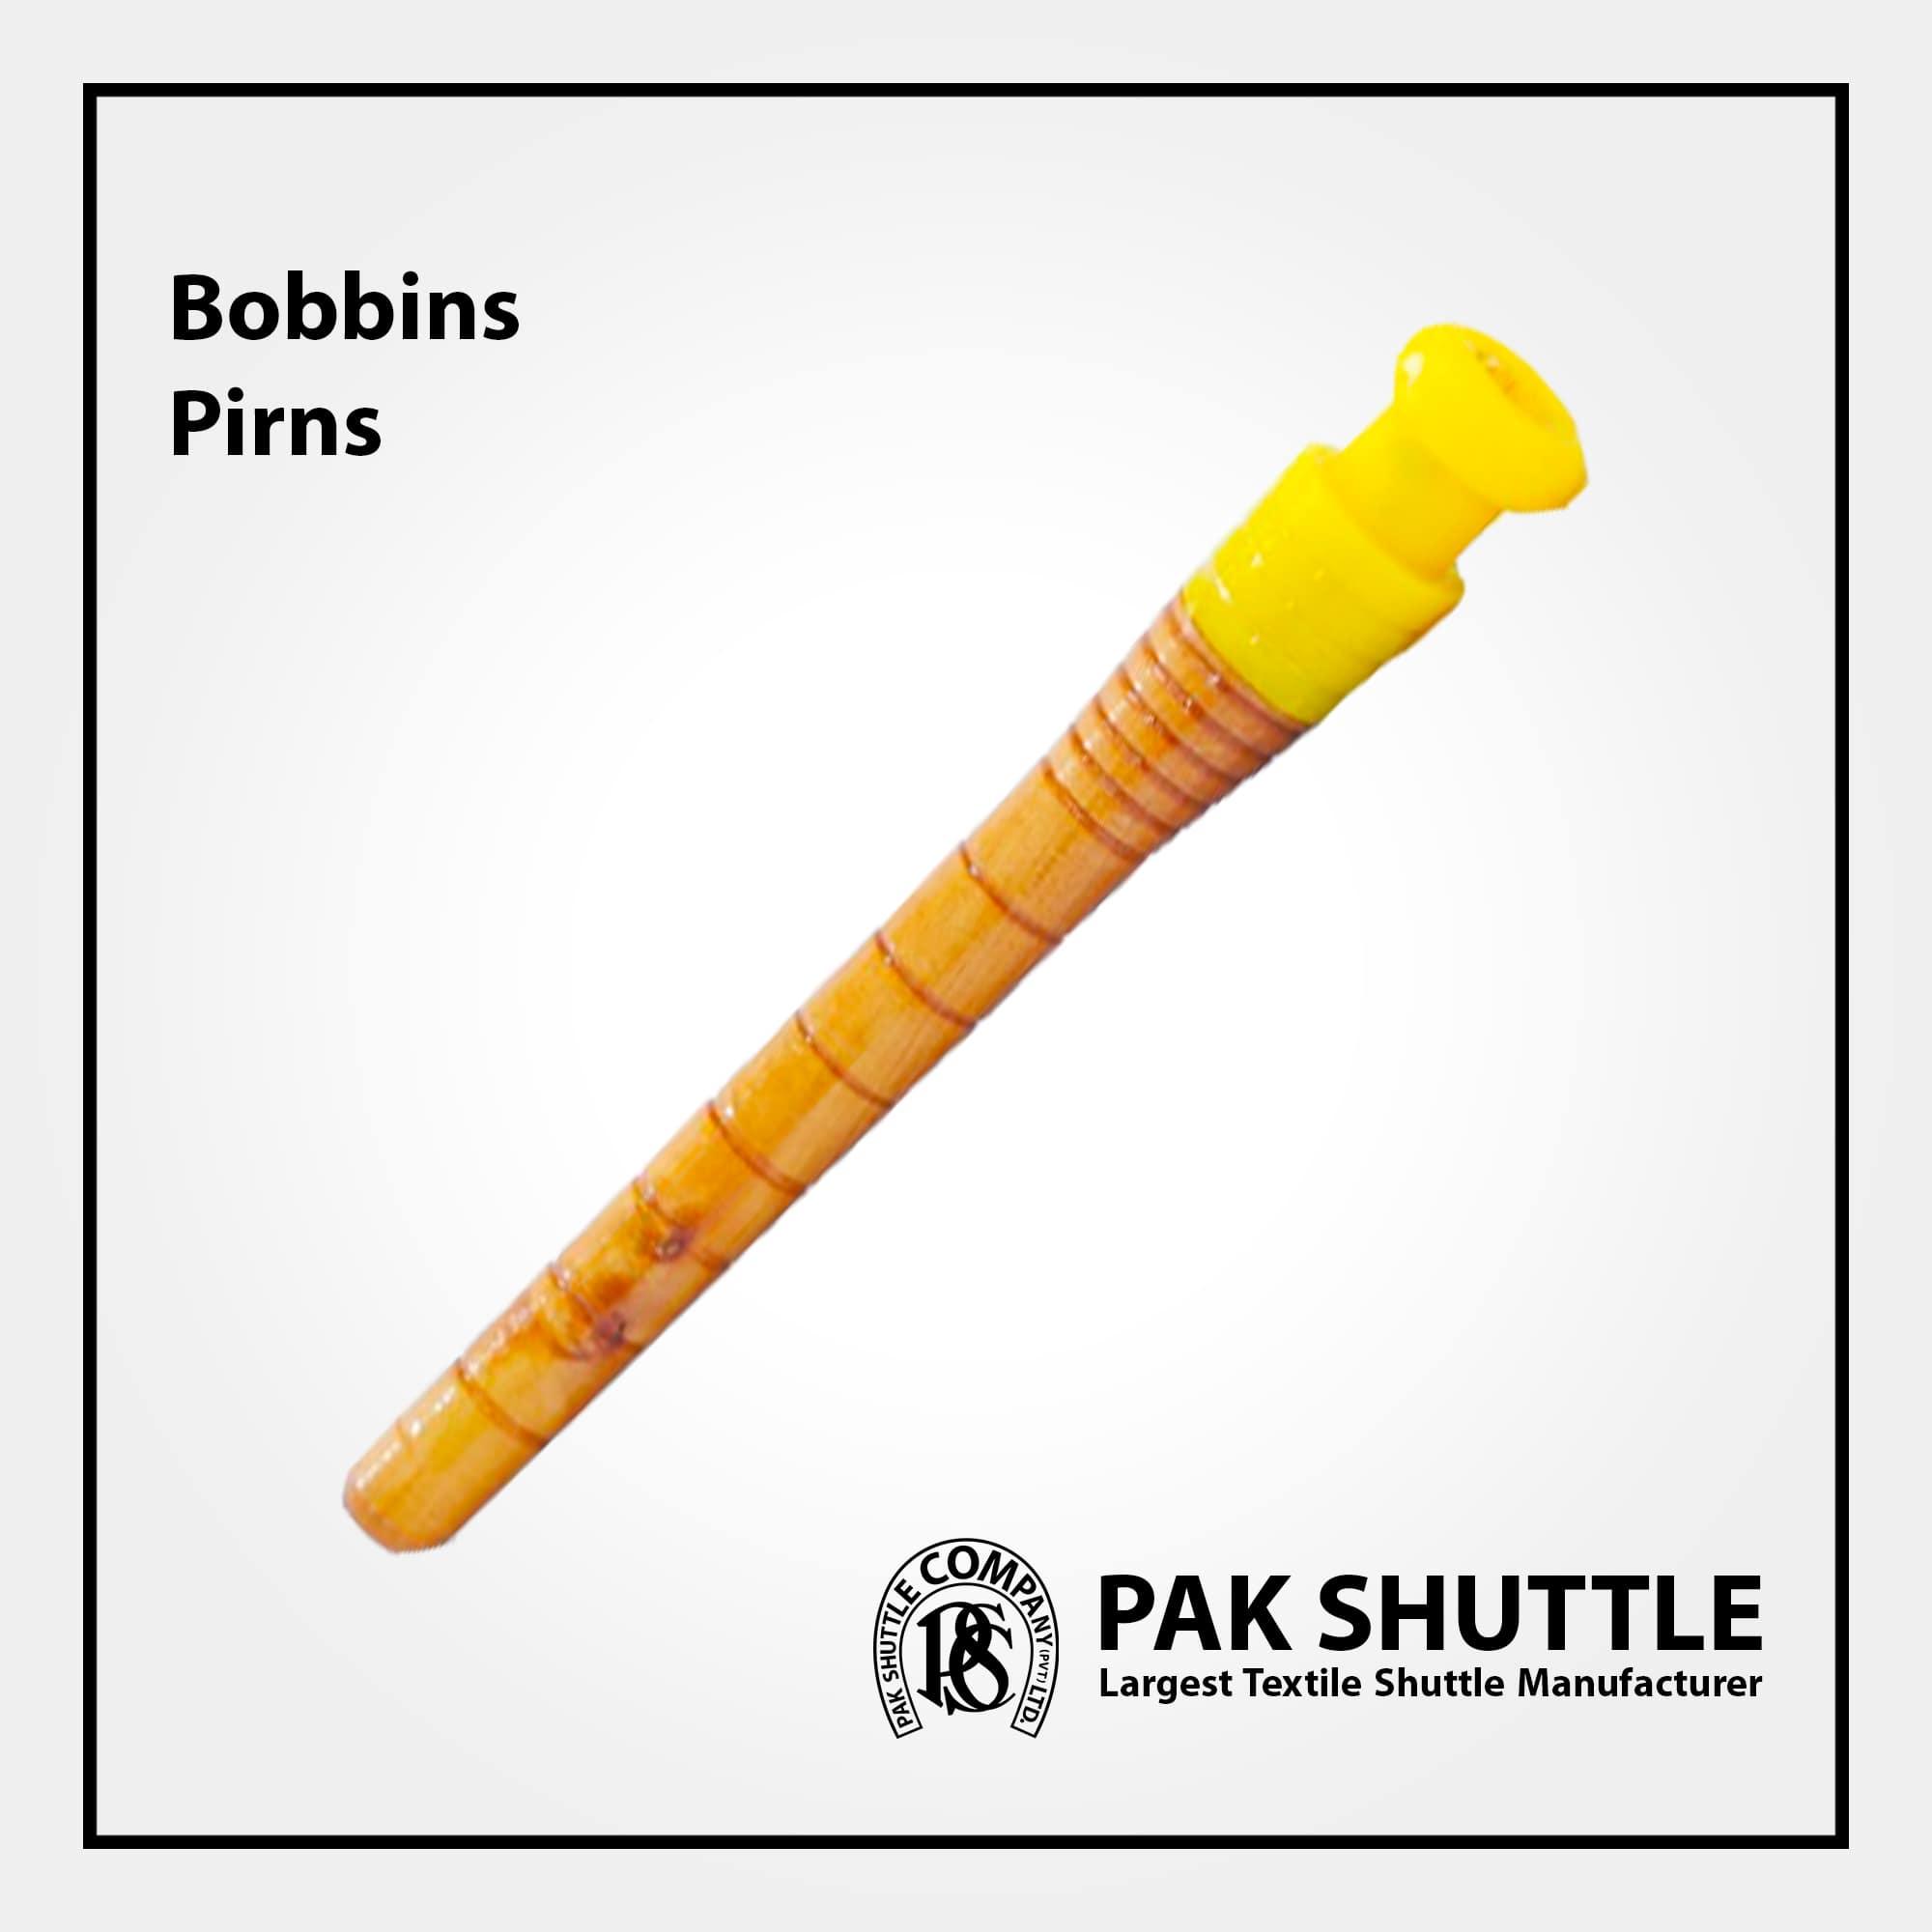 BOBBINS & PIRNS (For Various Shuttles) by Pak Shuttle Company Pvt Ltd.